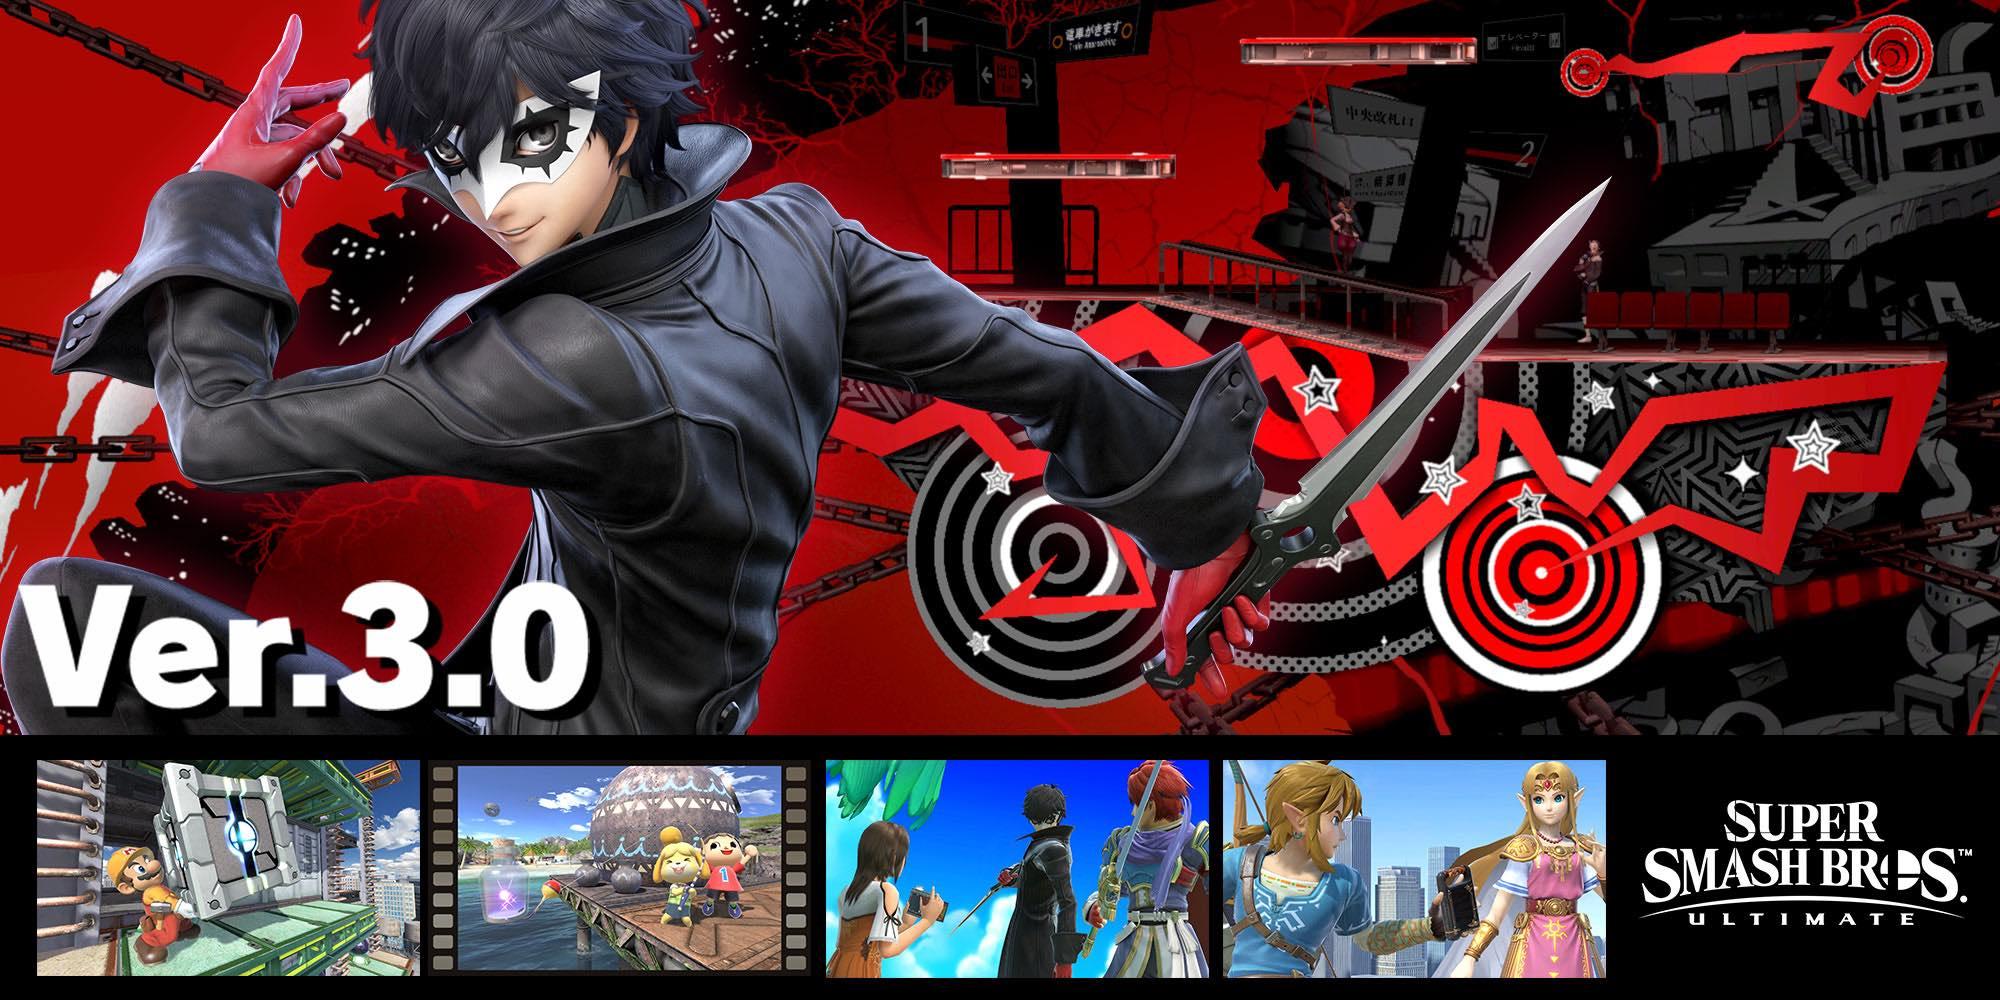 Joker de Persona 5 en Super Smash Bros Ultimate